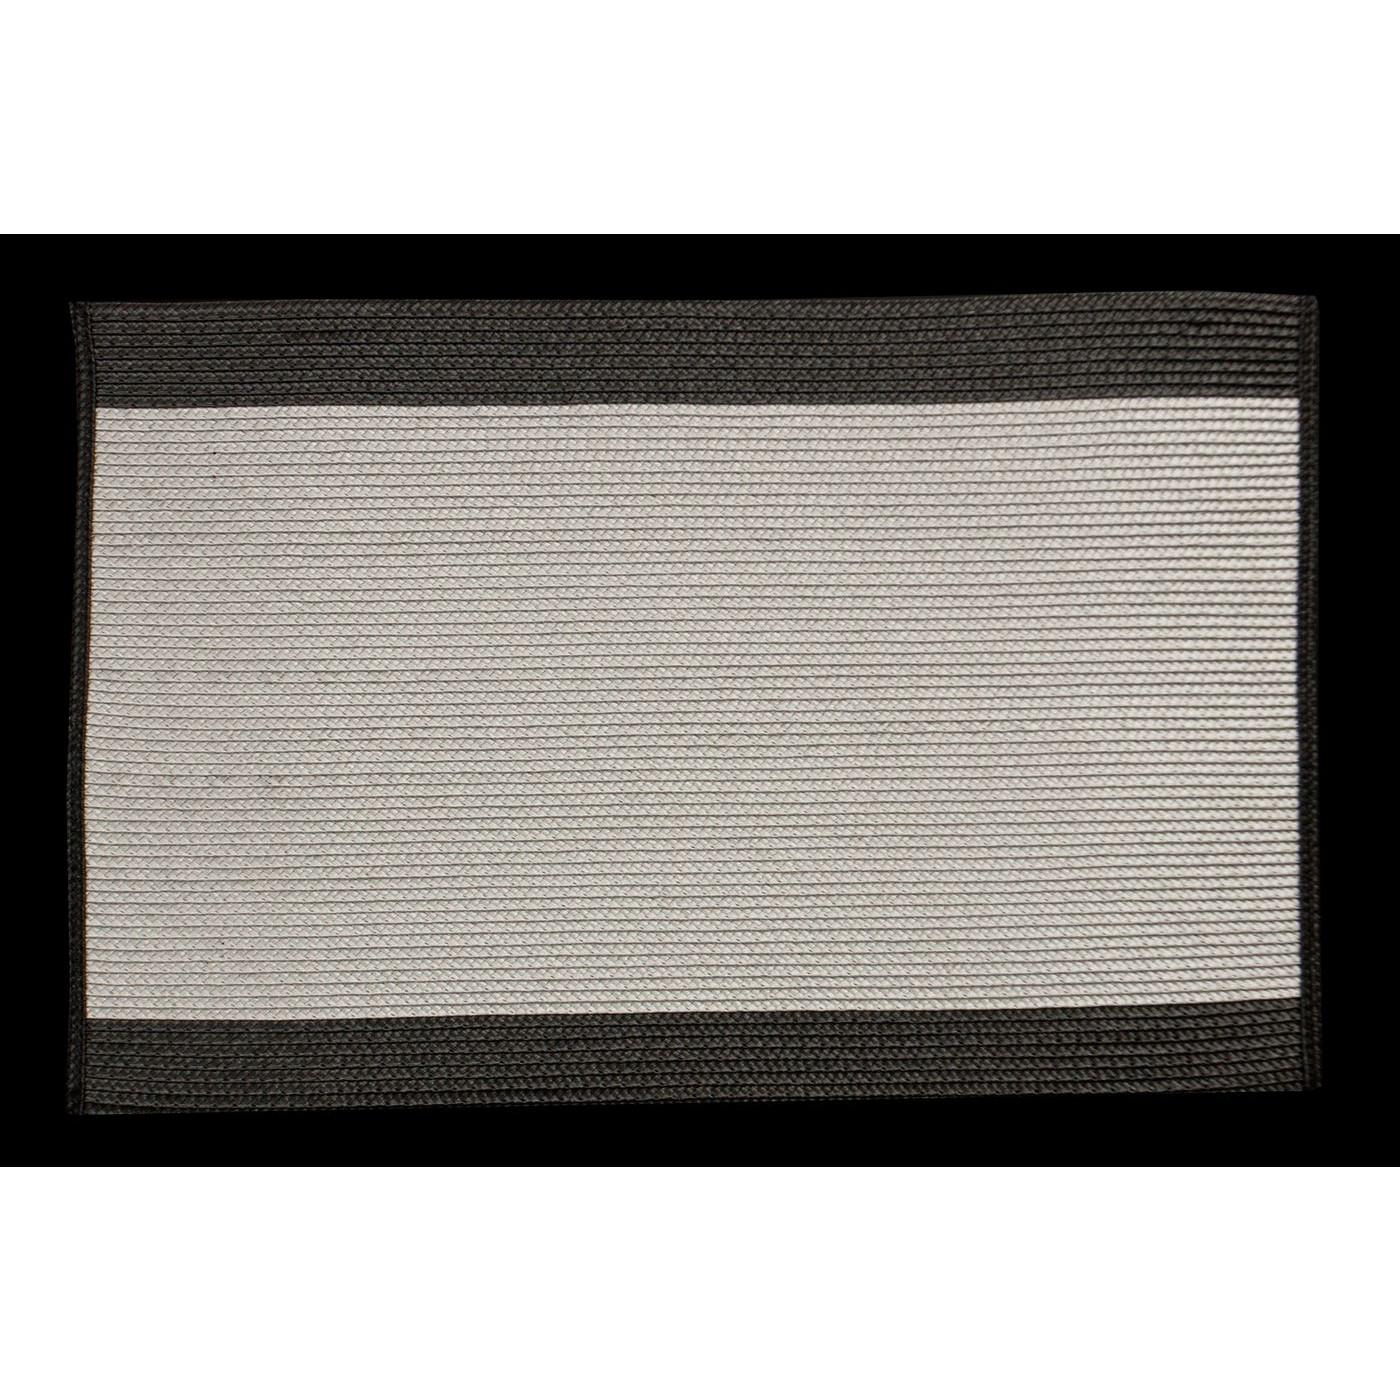 Dwukolorowa podkładka stołowa z lamówką 30x45 cm